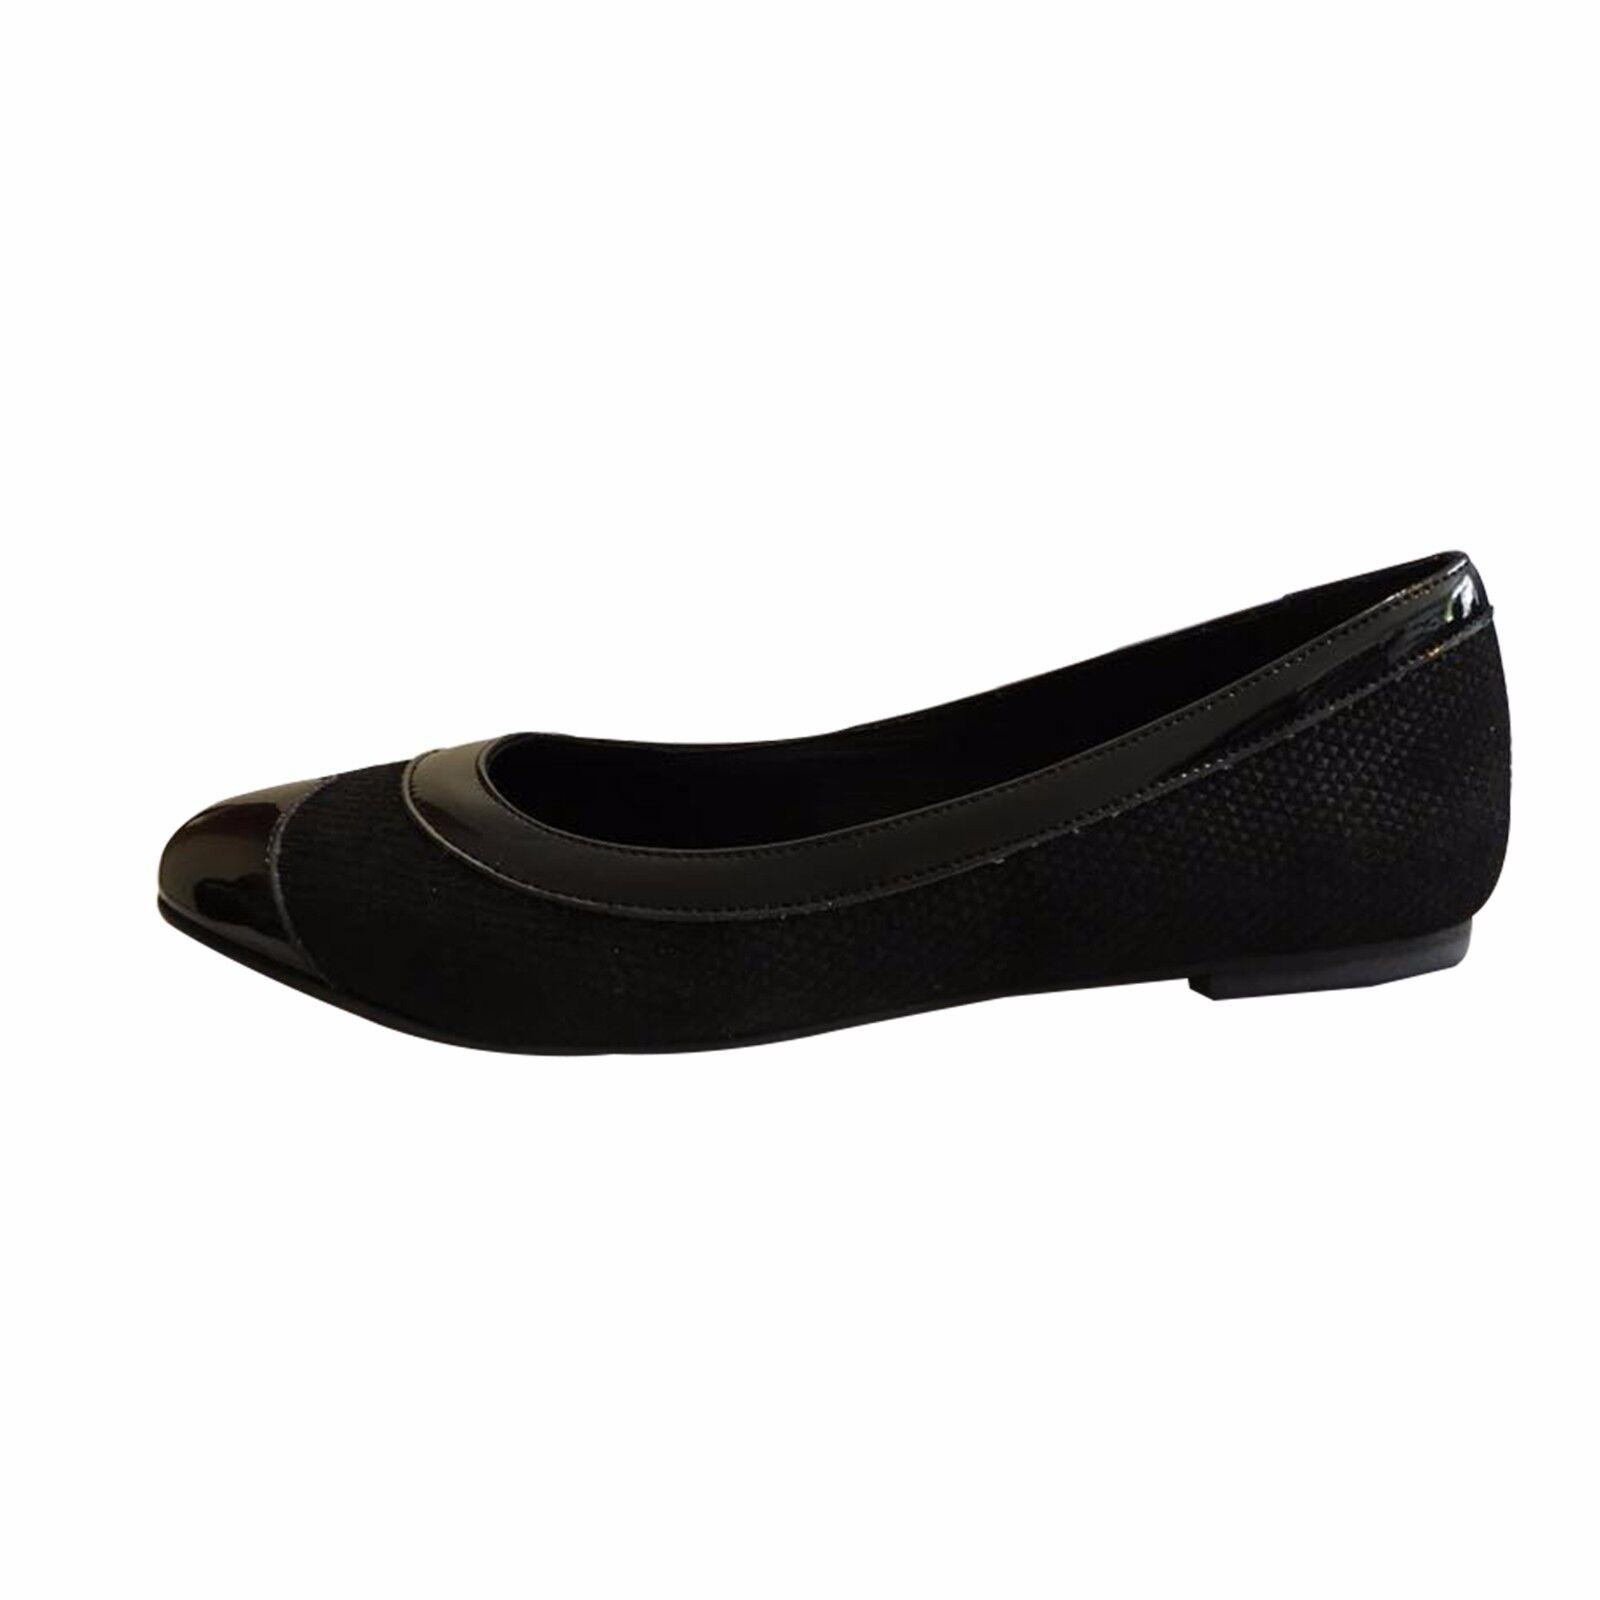 Tamaño Tamaño Tamaño 43 para mujer de charol negro y Ballet Zapatos sin Taco Sin hecho en España zapatos de gran tamaño  gran descuento